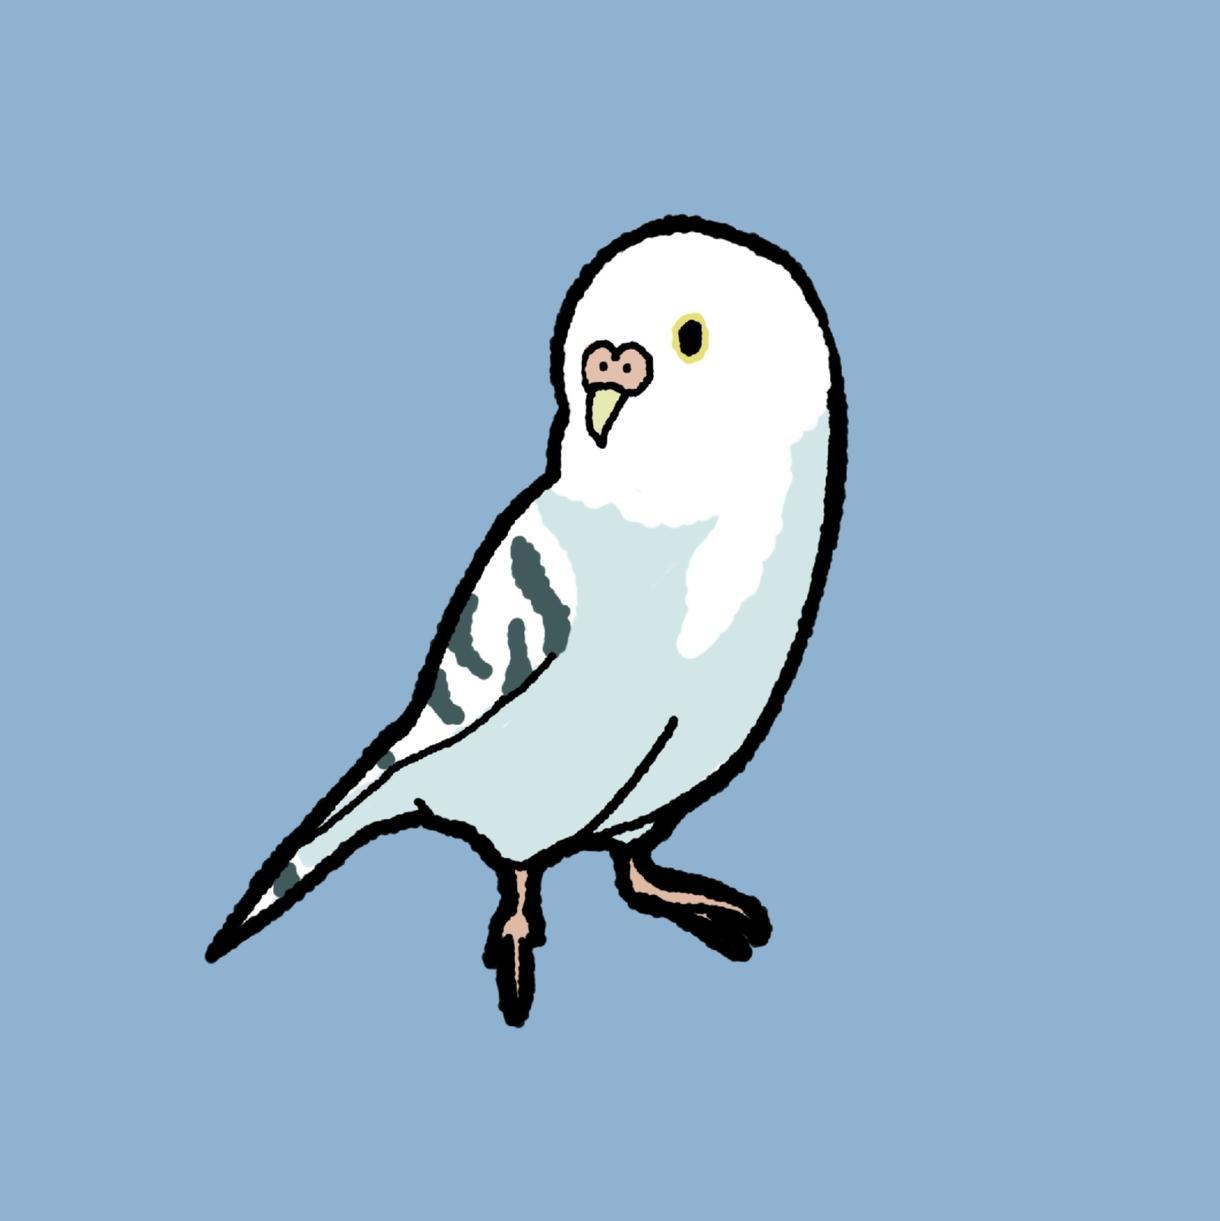 小動物・鳥類・爬虫類・魚類・昆虫等なんでも描きます まとめてご注文頂くととってもお安く承ります!